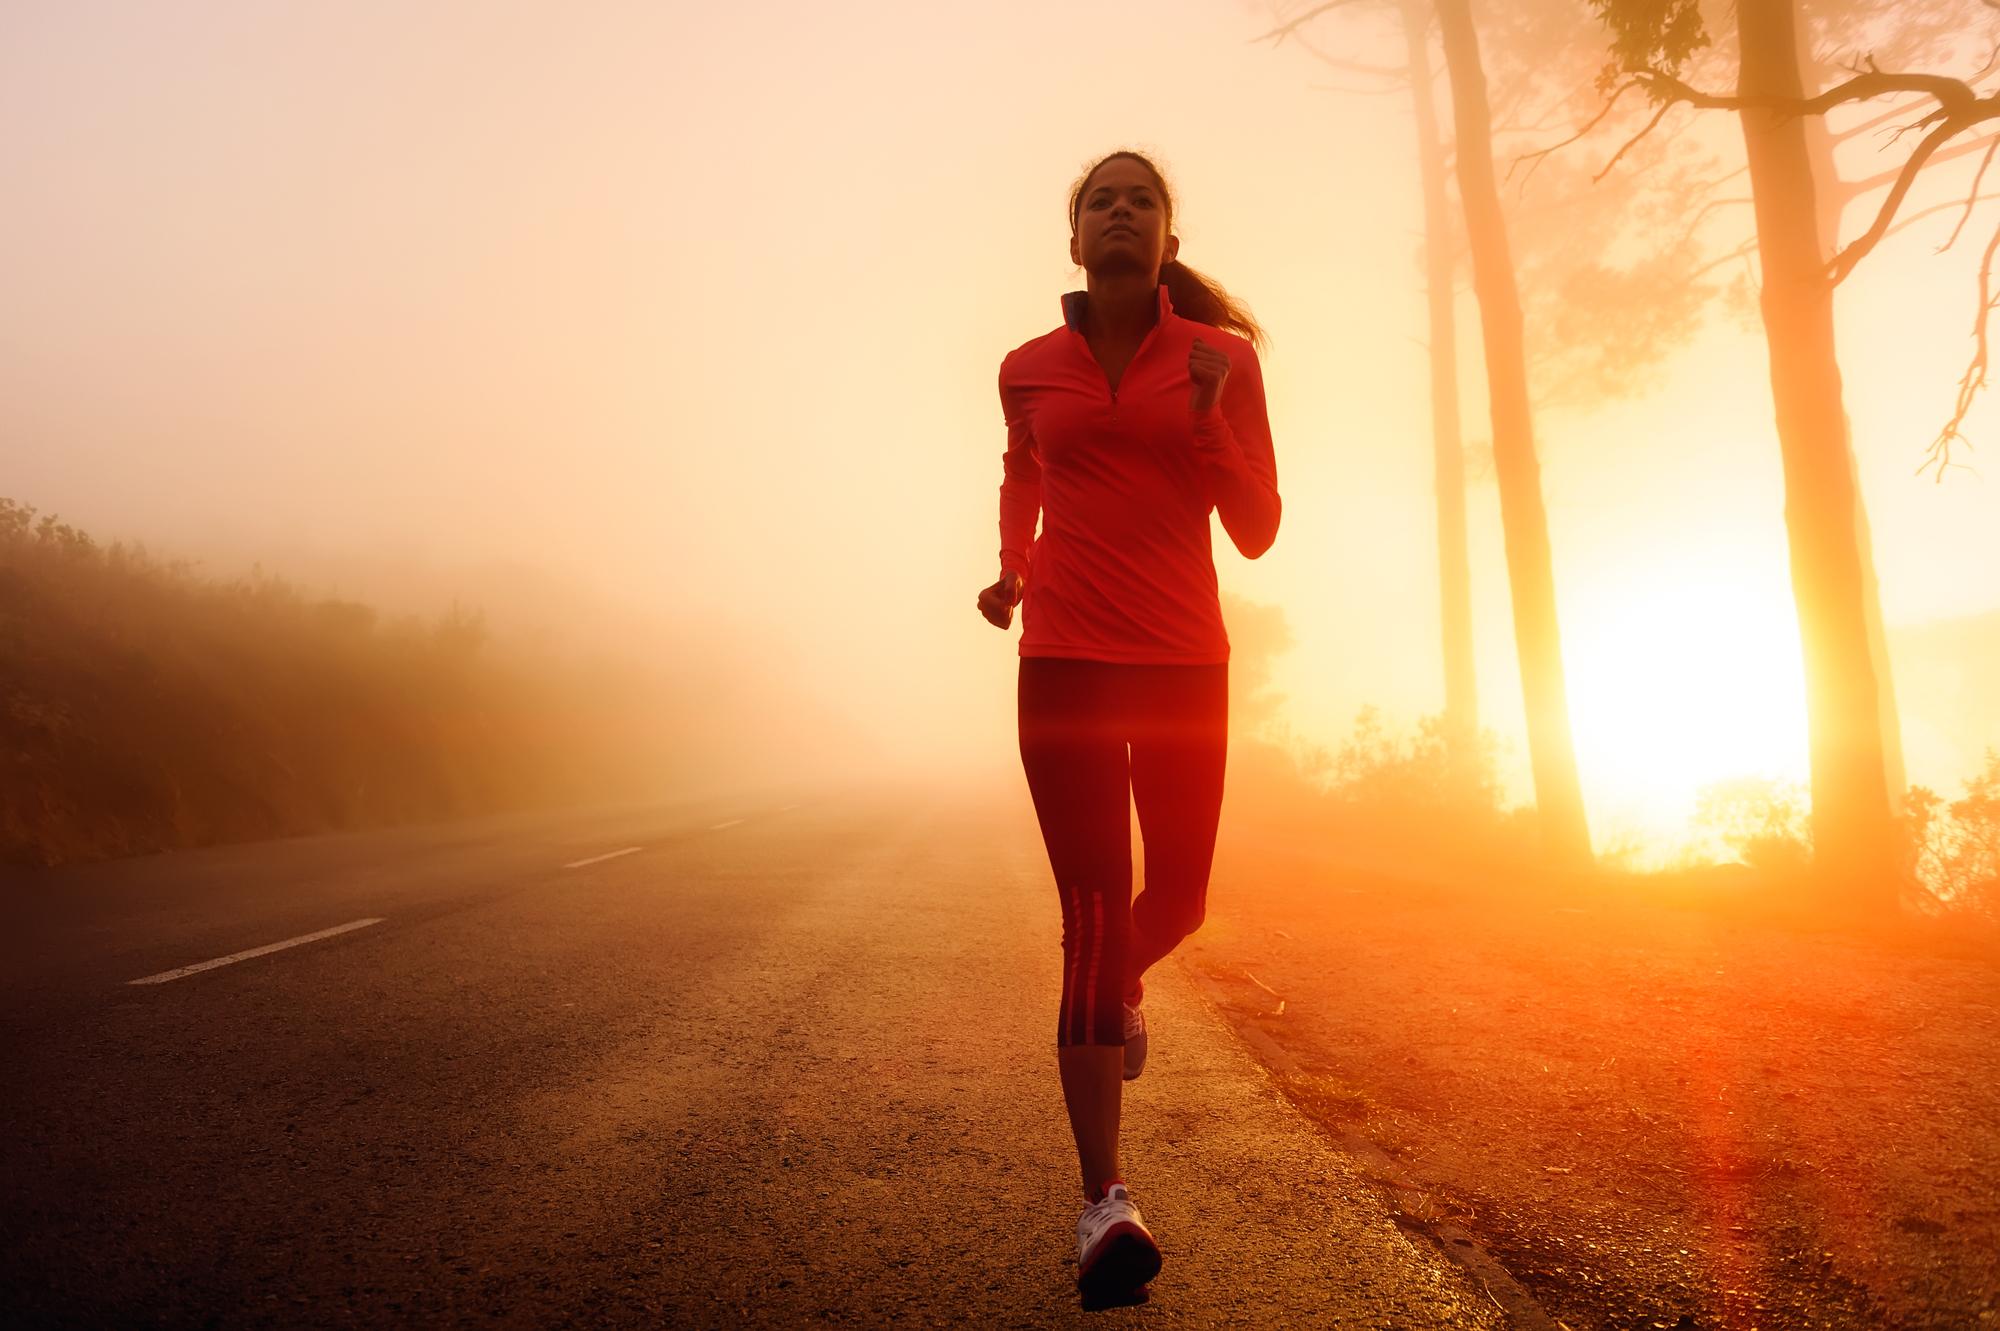 Sådan får du passet motion ind i din hverdag